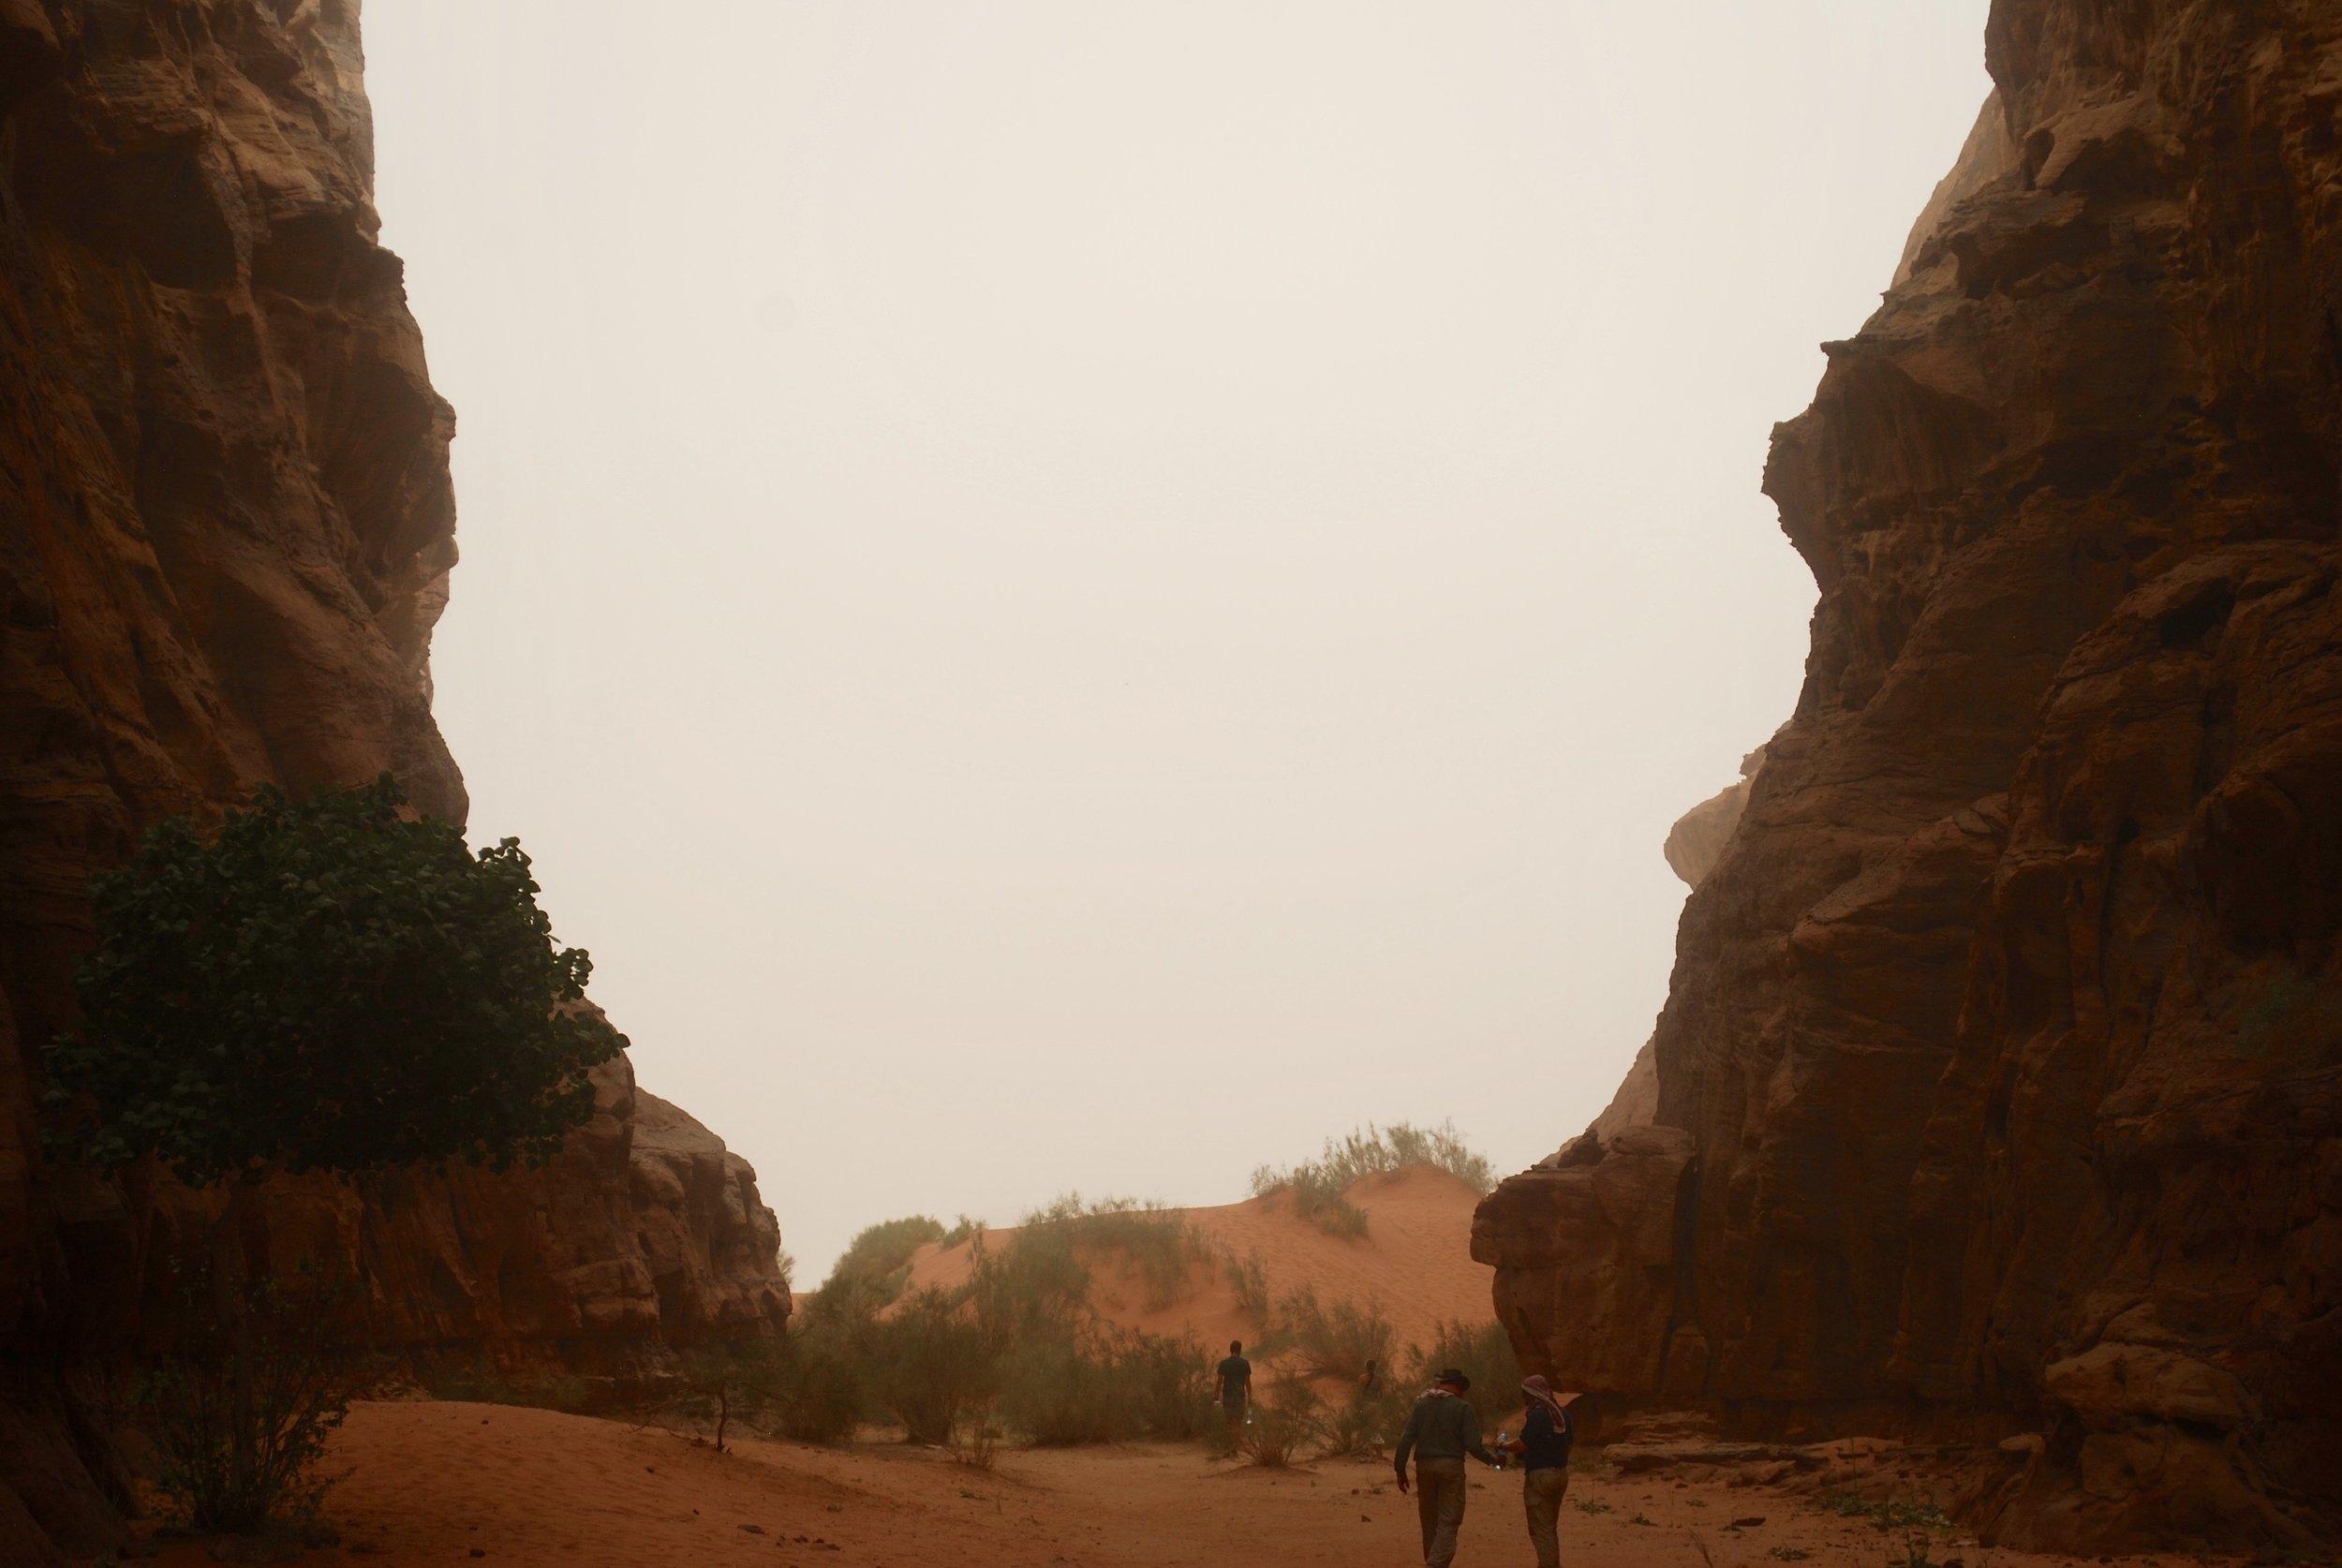 View of the exit of Abu Khashaba Canyon, Wadi Rum